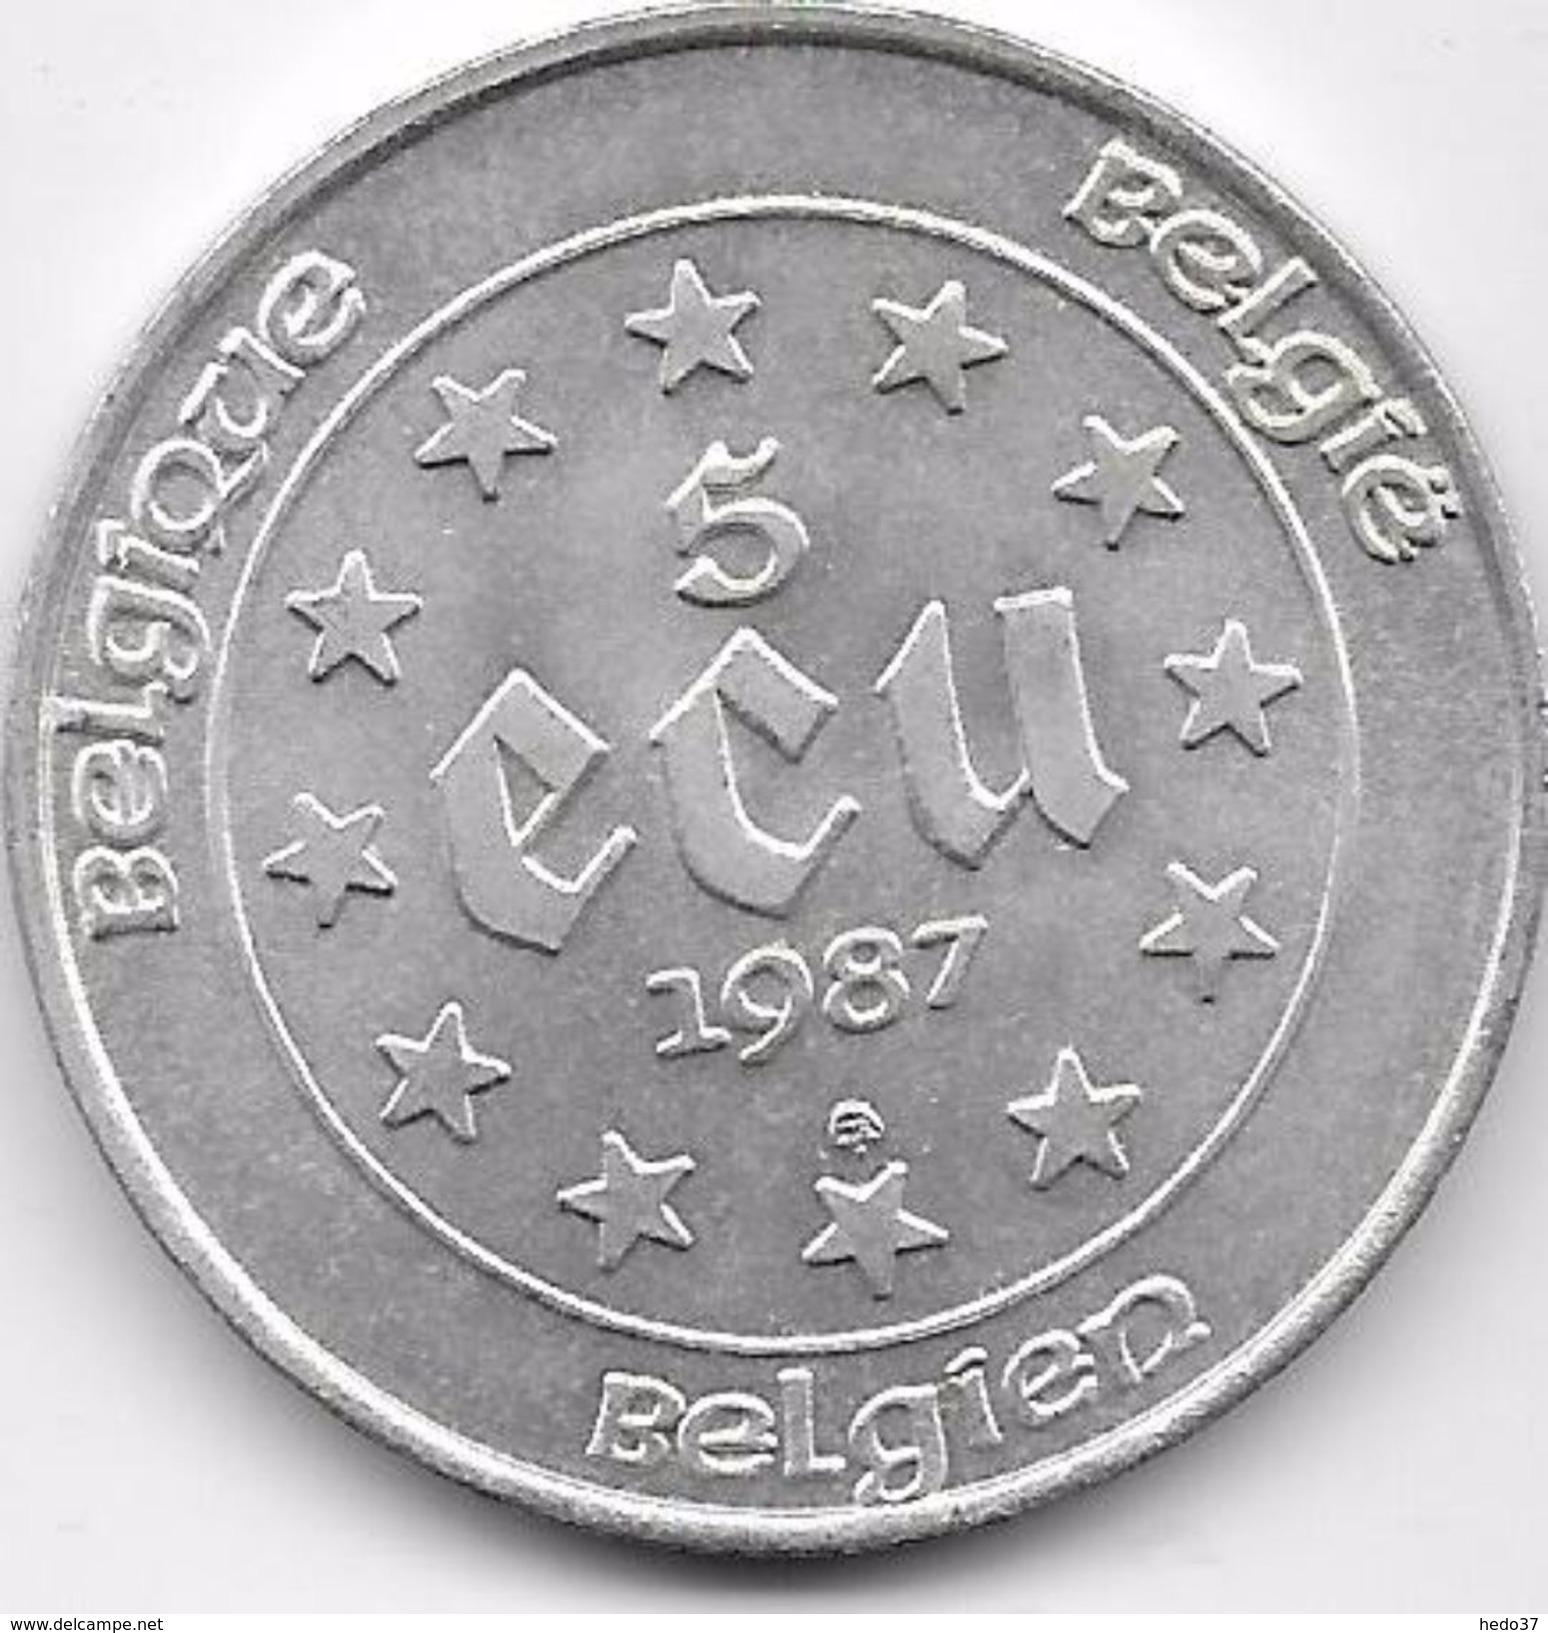 Belgique - 5 Ecus 1987 - Argent - Belgique